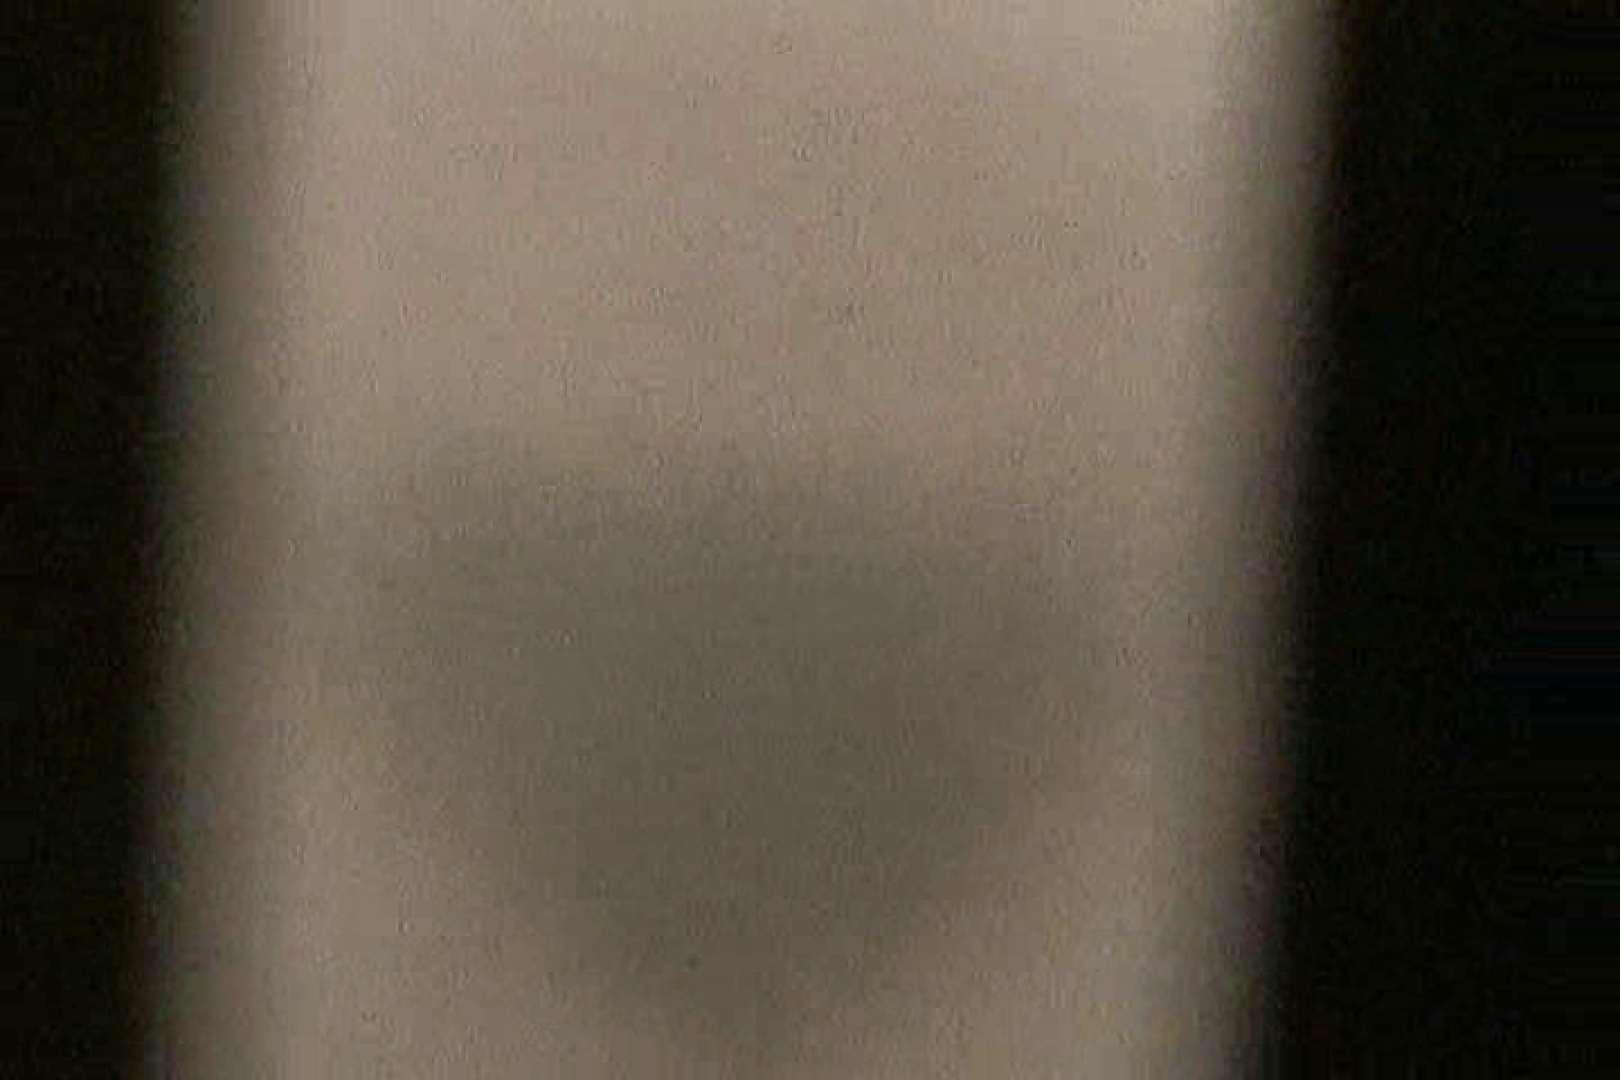 民家の騎士さんの最後の性戦Vol.2 覗き セックス画像 32連発 7